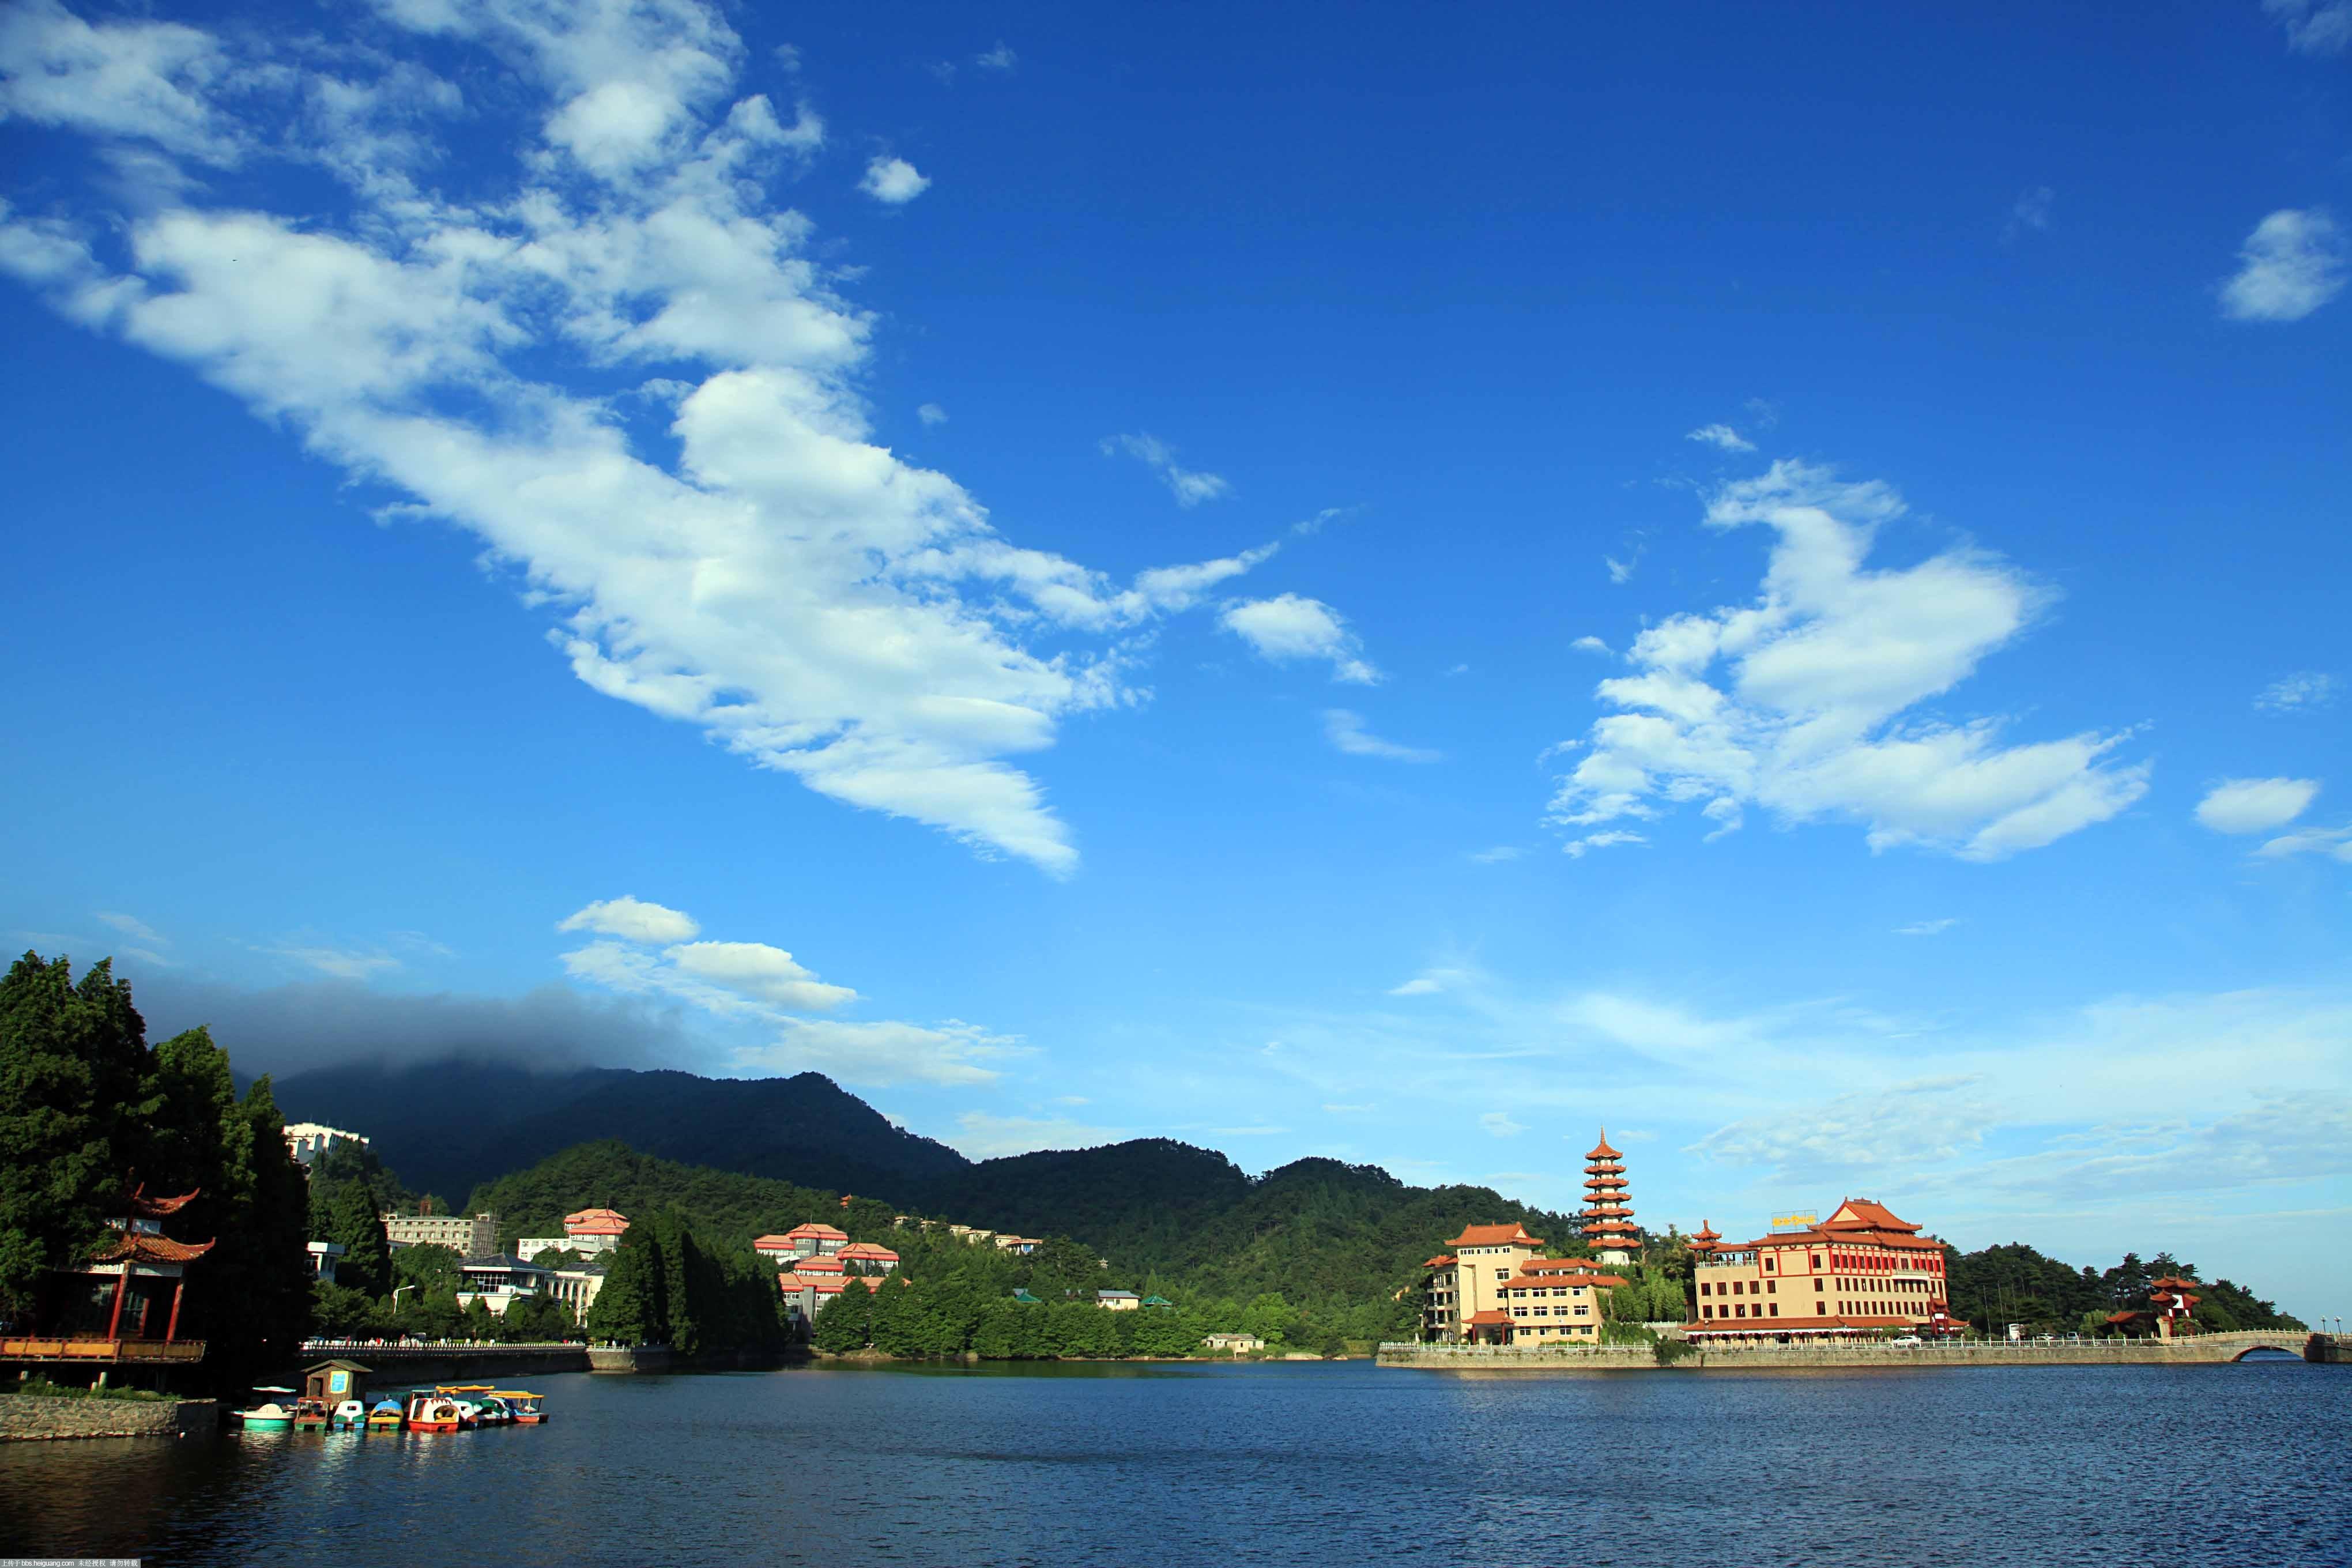 天�]L�k�9��yb-��.�c!_二度九宫山景区,天公给力,看到日出 蓝天白云